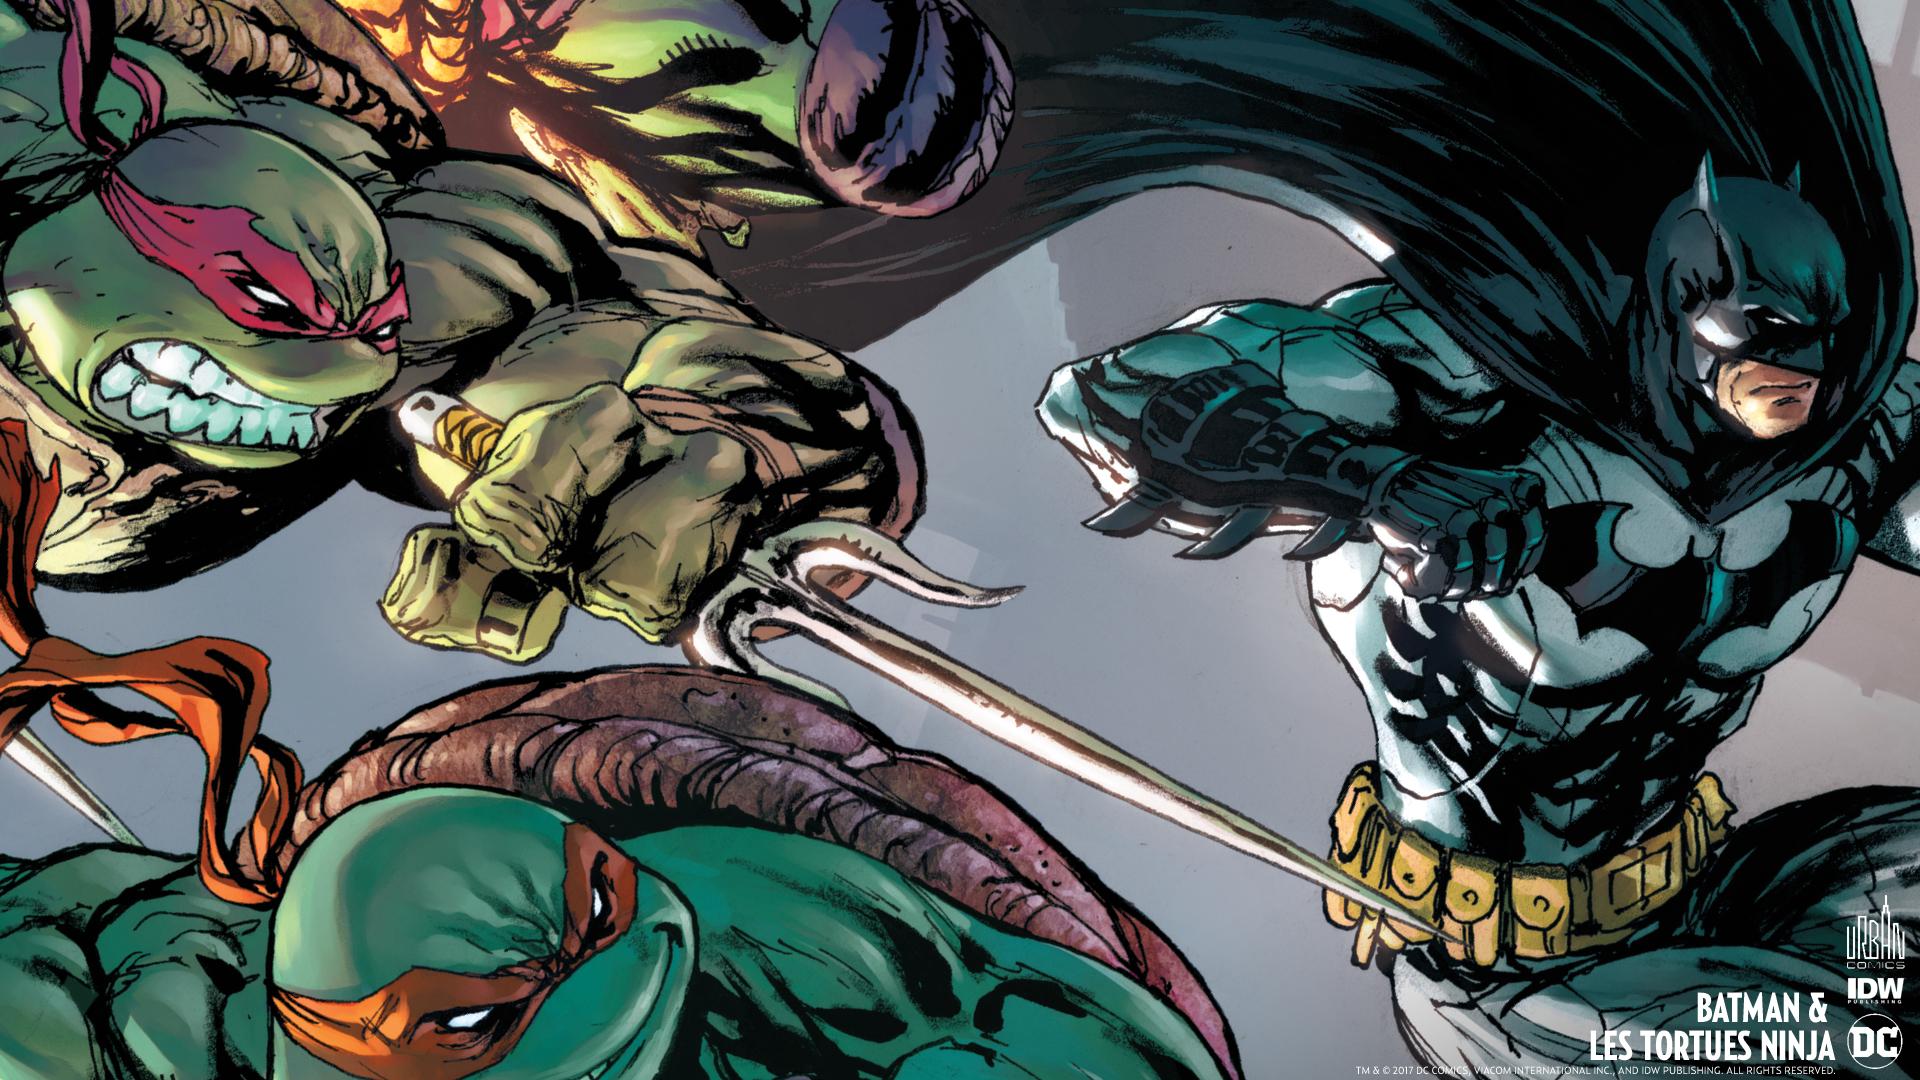 Wallpapers : Batman & les Tortues Ninja